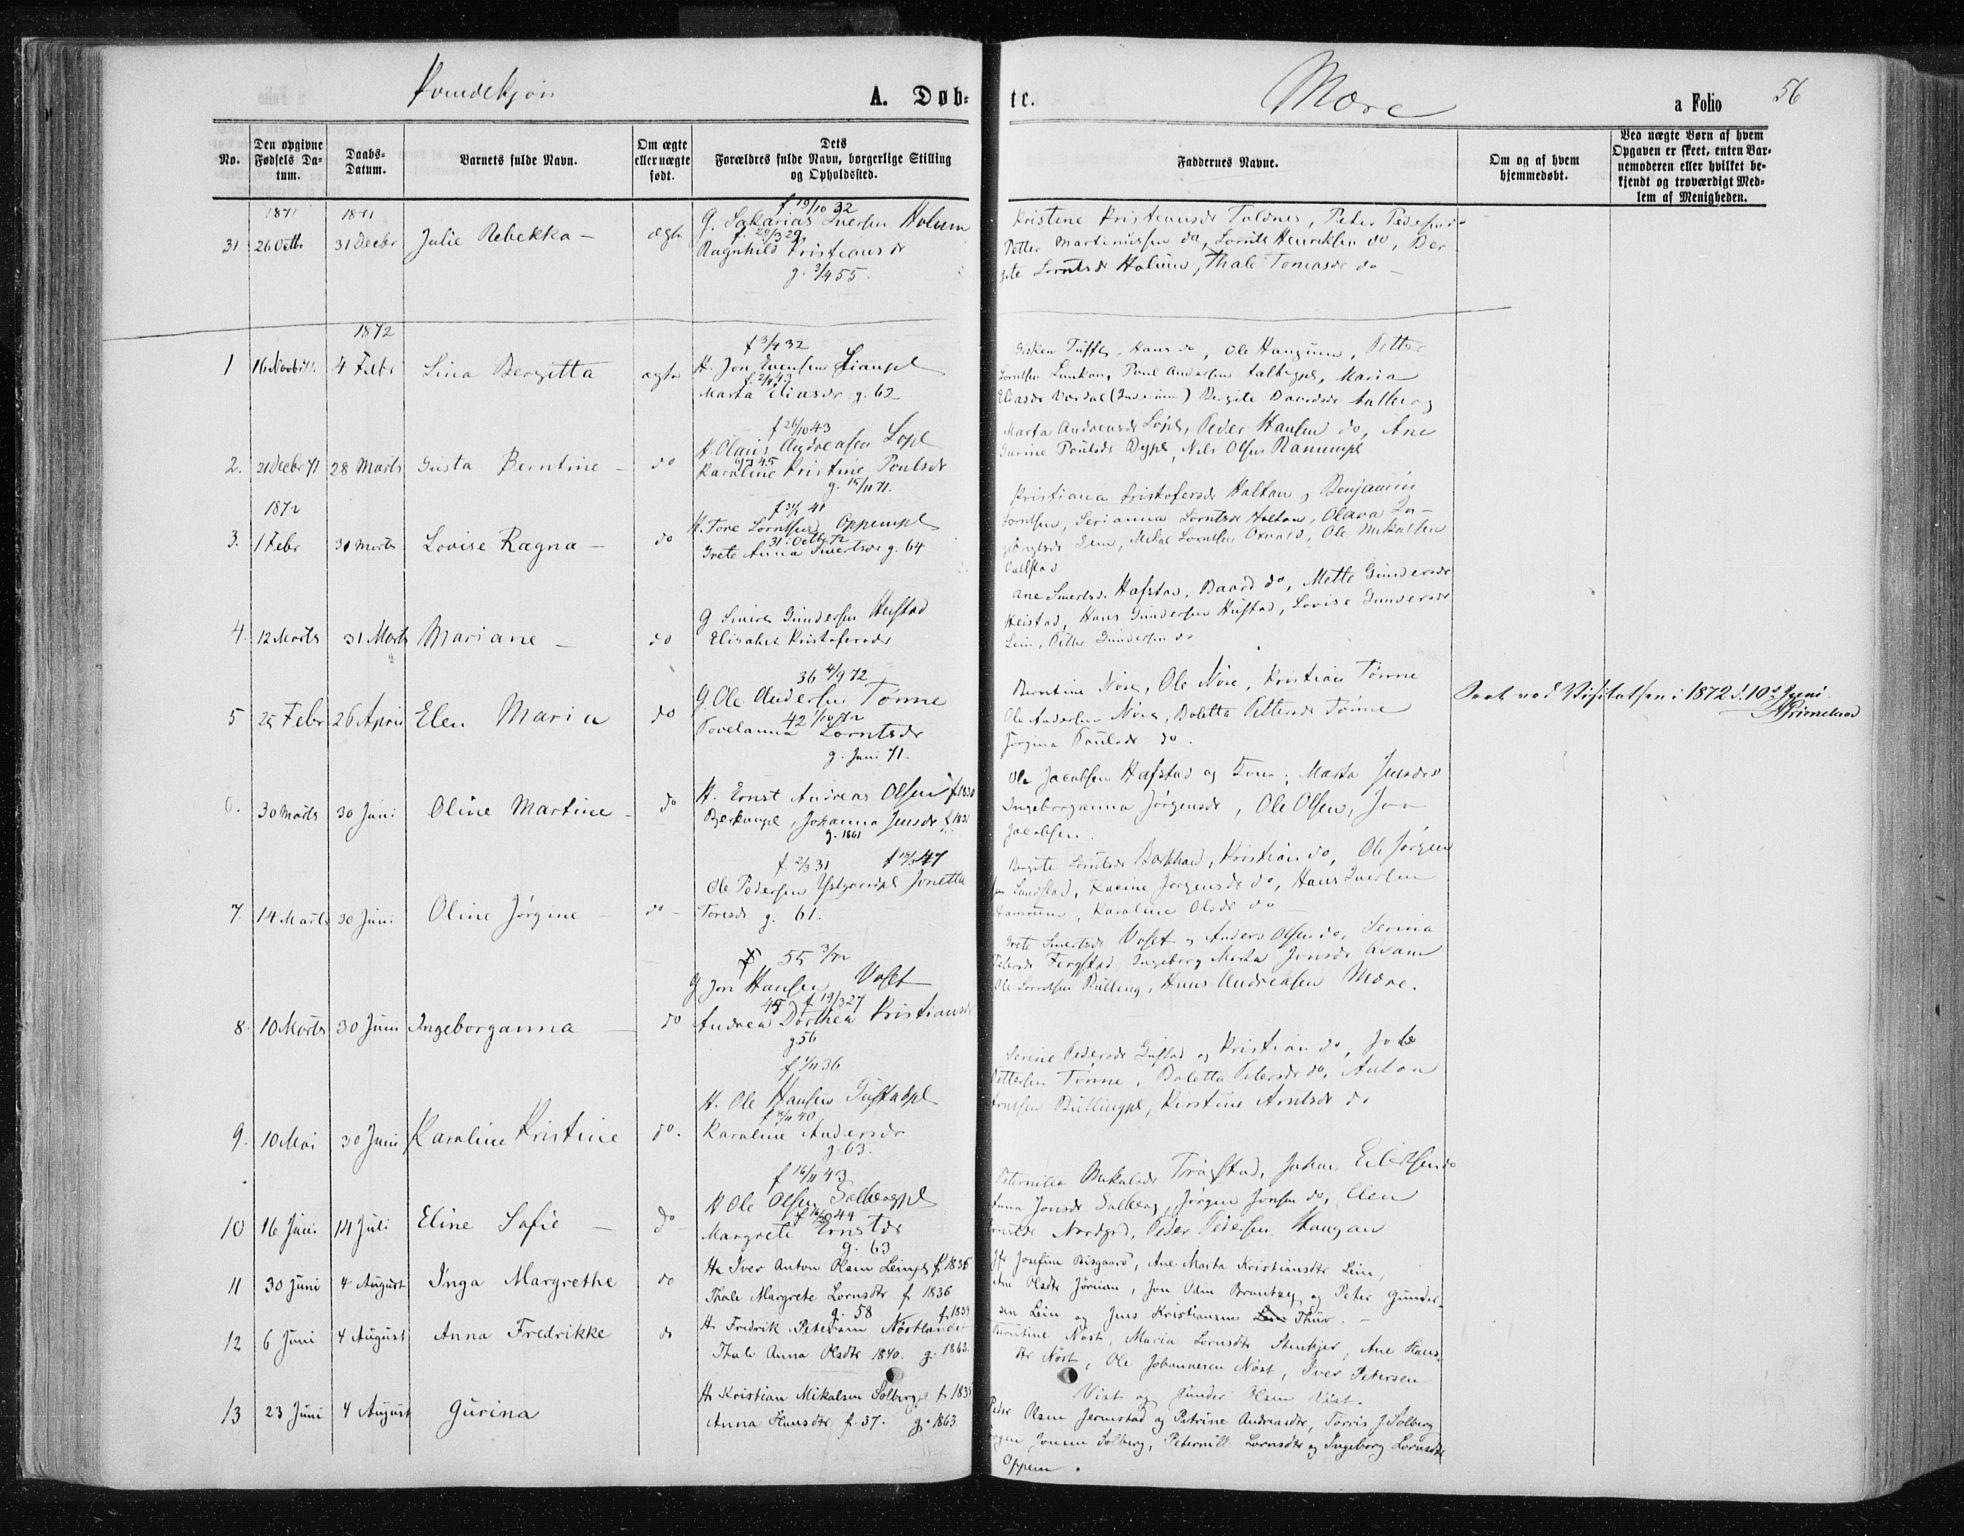 SAT, Ministerialprotokoller, klokkerbøker og fødselsregistre - Nord-Trøndelag, 735/L0345: Ministerialbok nr. 735A08 /1, 1863-1872, s. 56